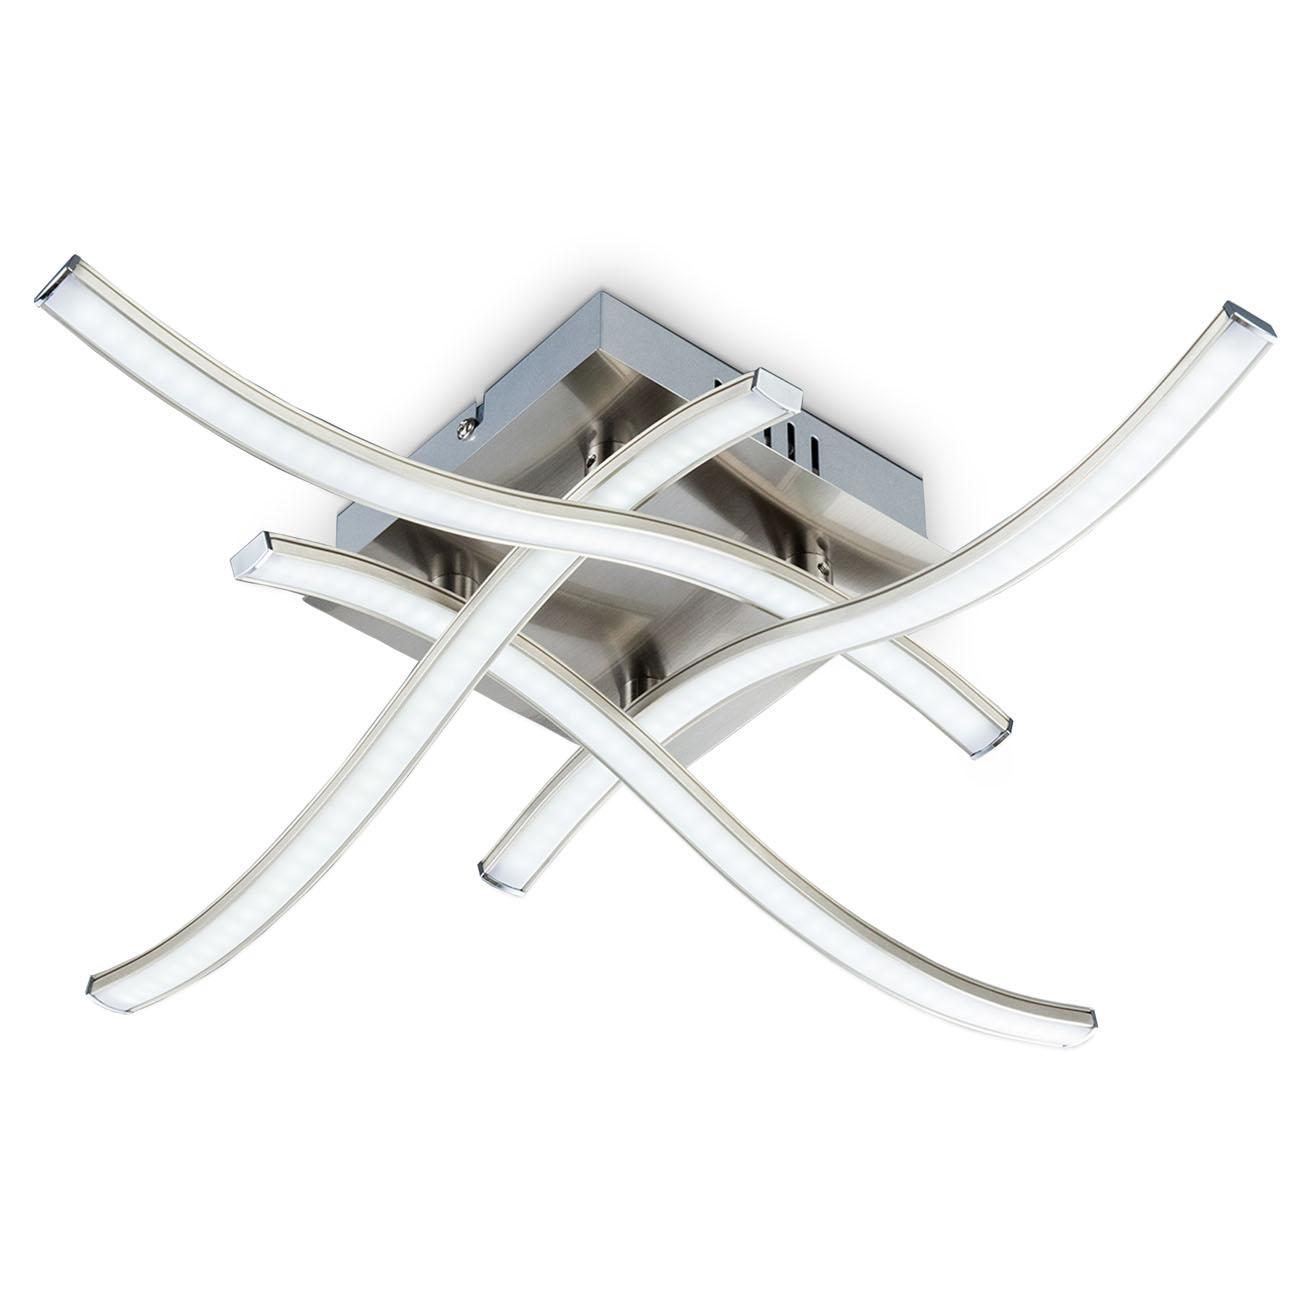 LED Design Deckenleuchte Wellenform 4-flammig  - 1